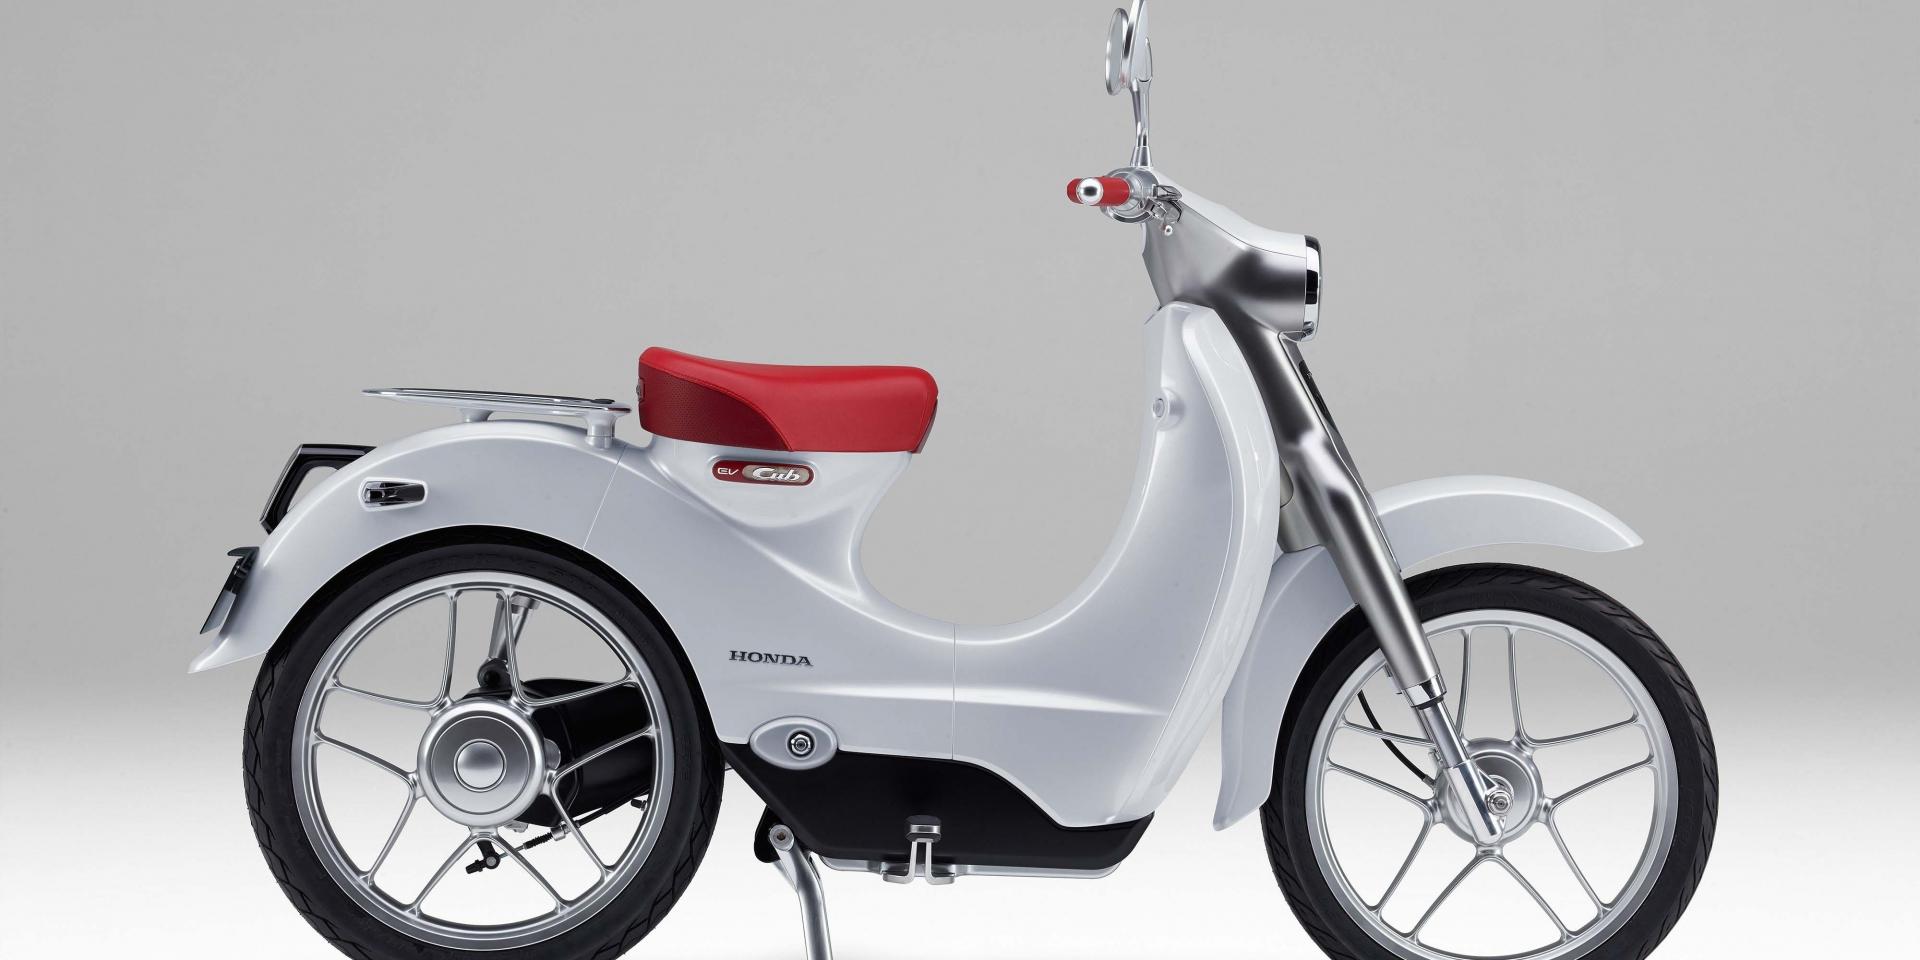 電動開發確認!Honda明年推出電動速克達並且將有混和動力車型出現